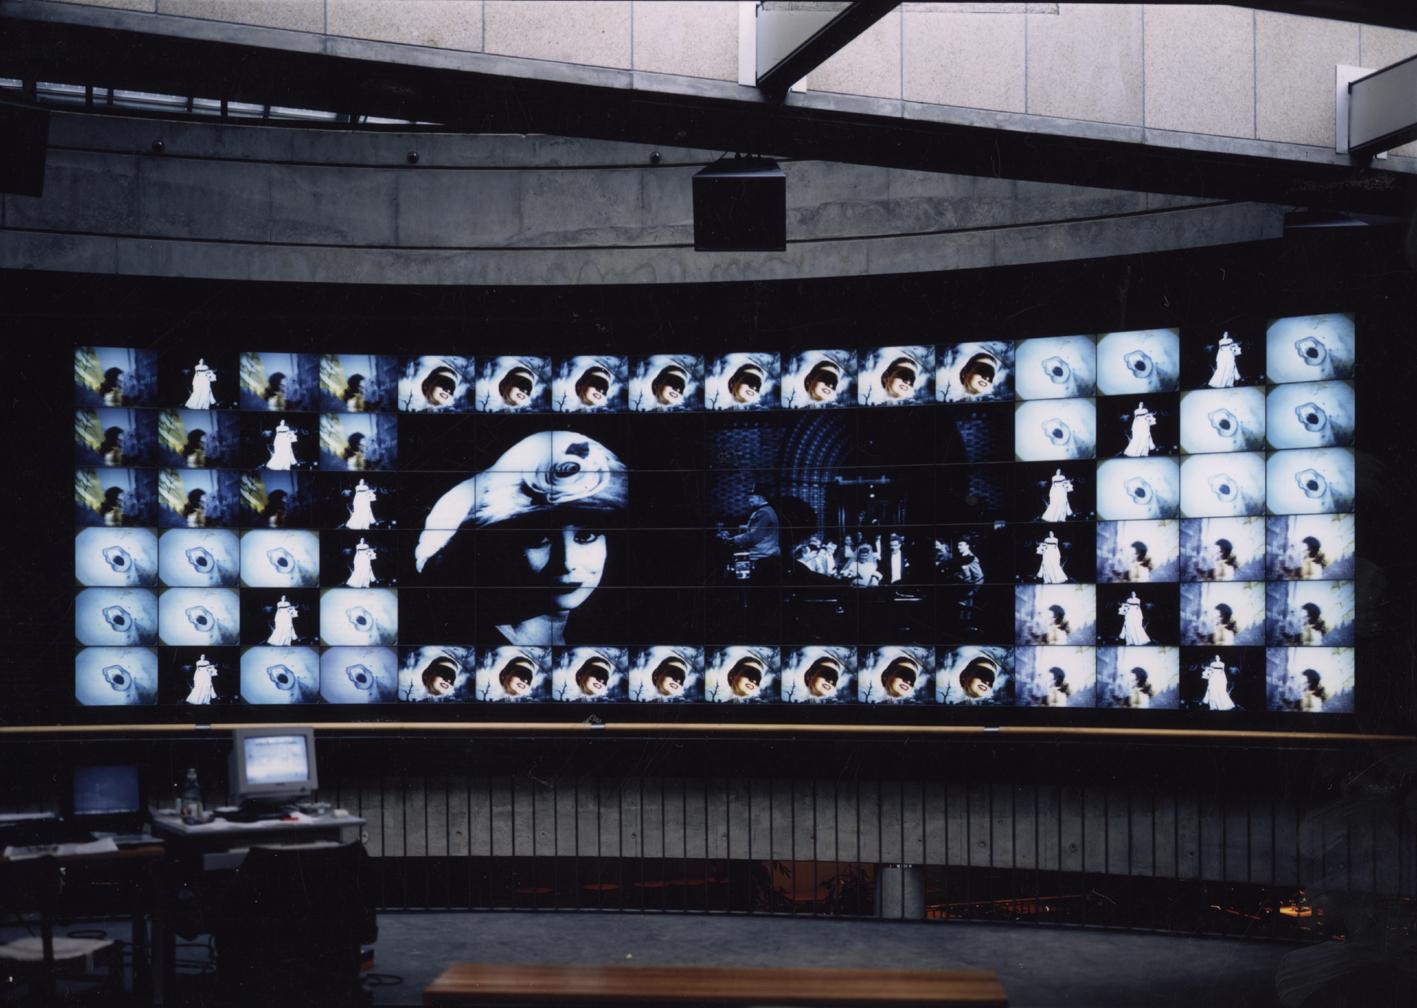 Medienskulptur/-installation